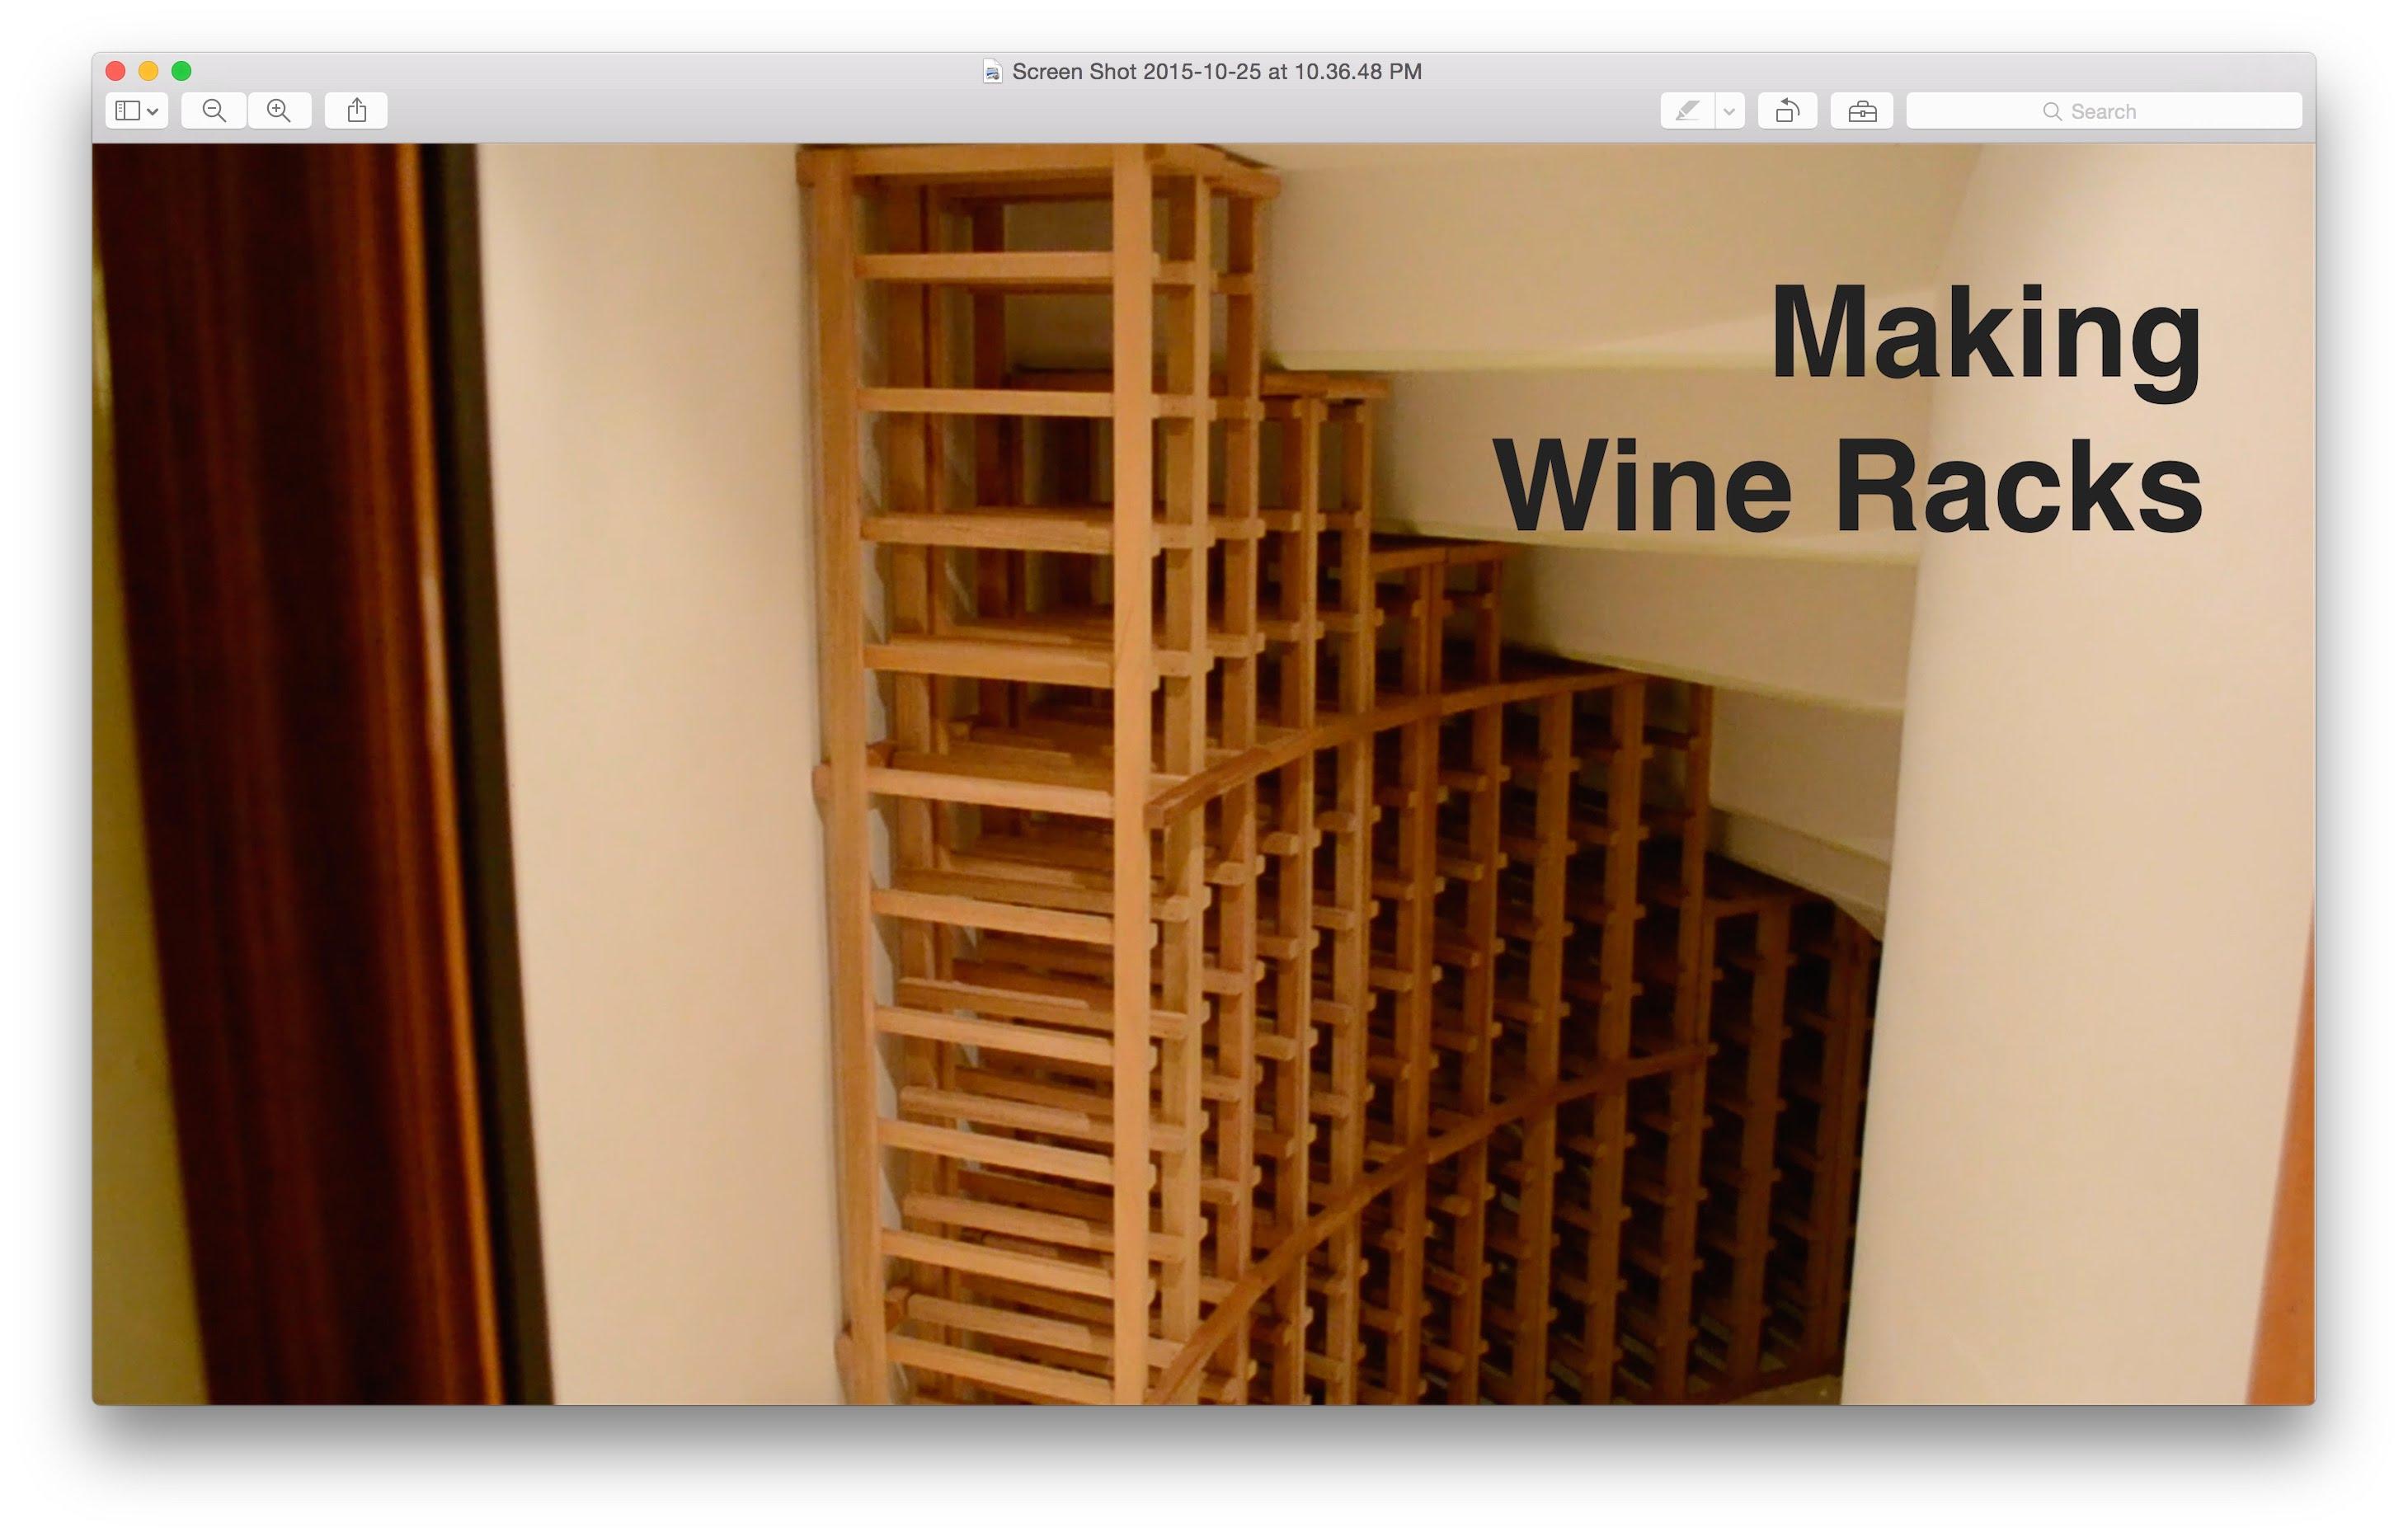 diy wine racks making wine racks - youtube NJWKPOA